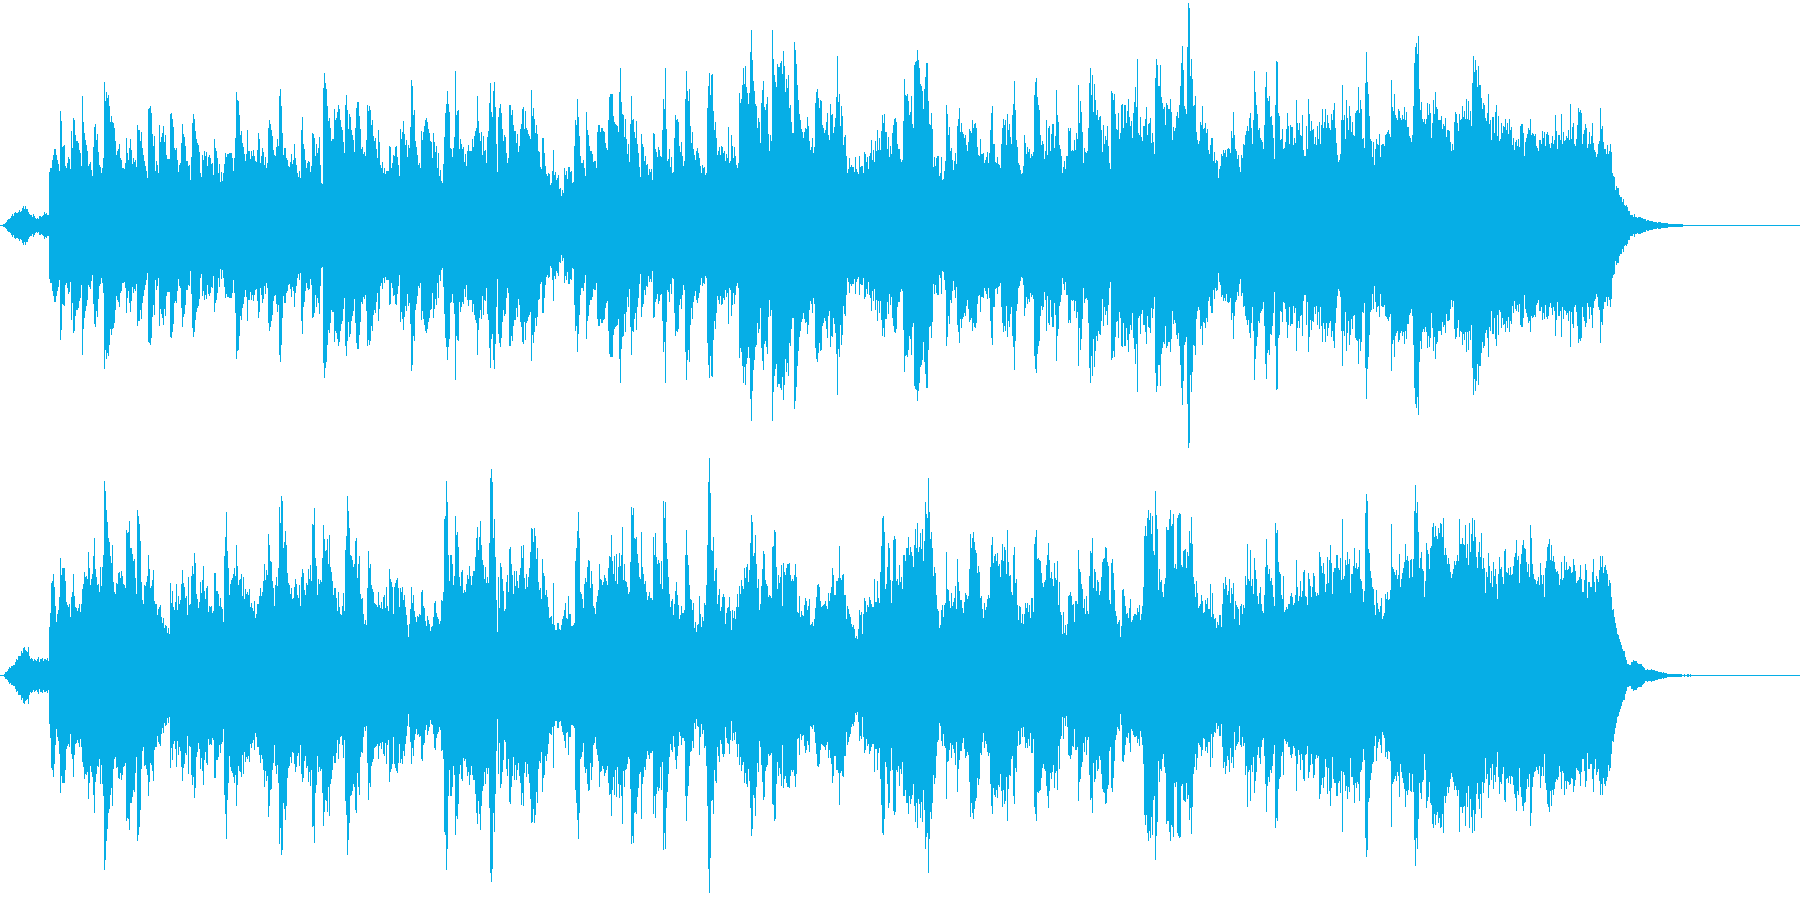 郷愁の場面に優しく前向きなオーケストラ4の再生済みの波形